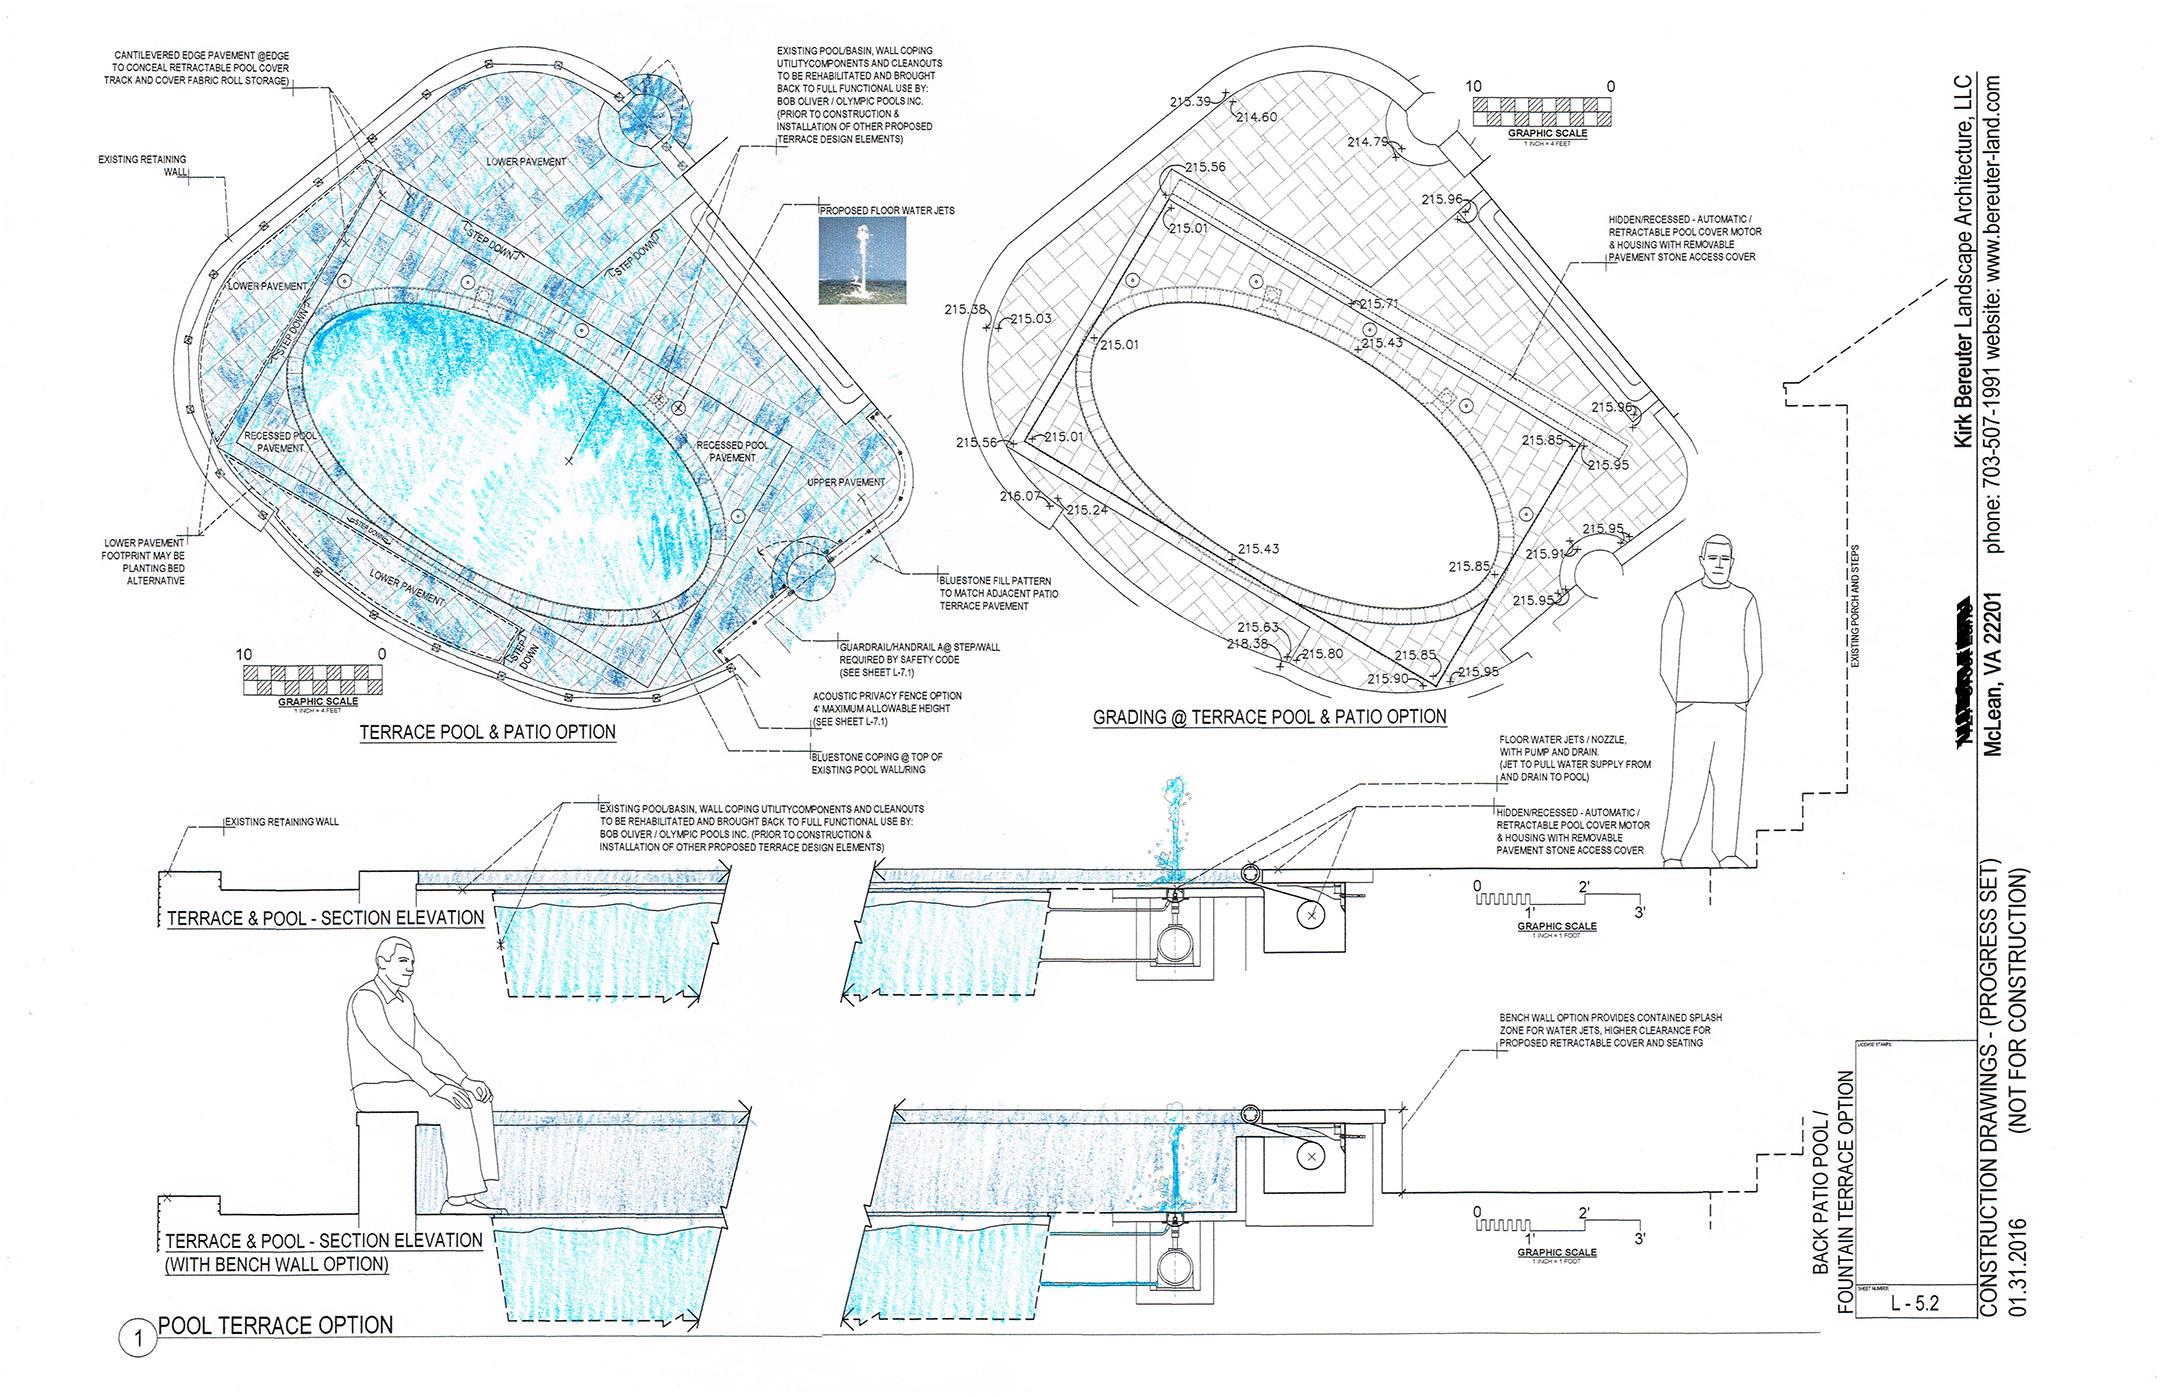 Preliminary pool area schematics shown above.